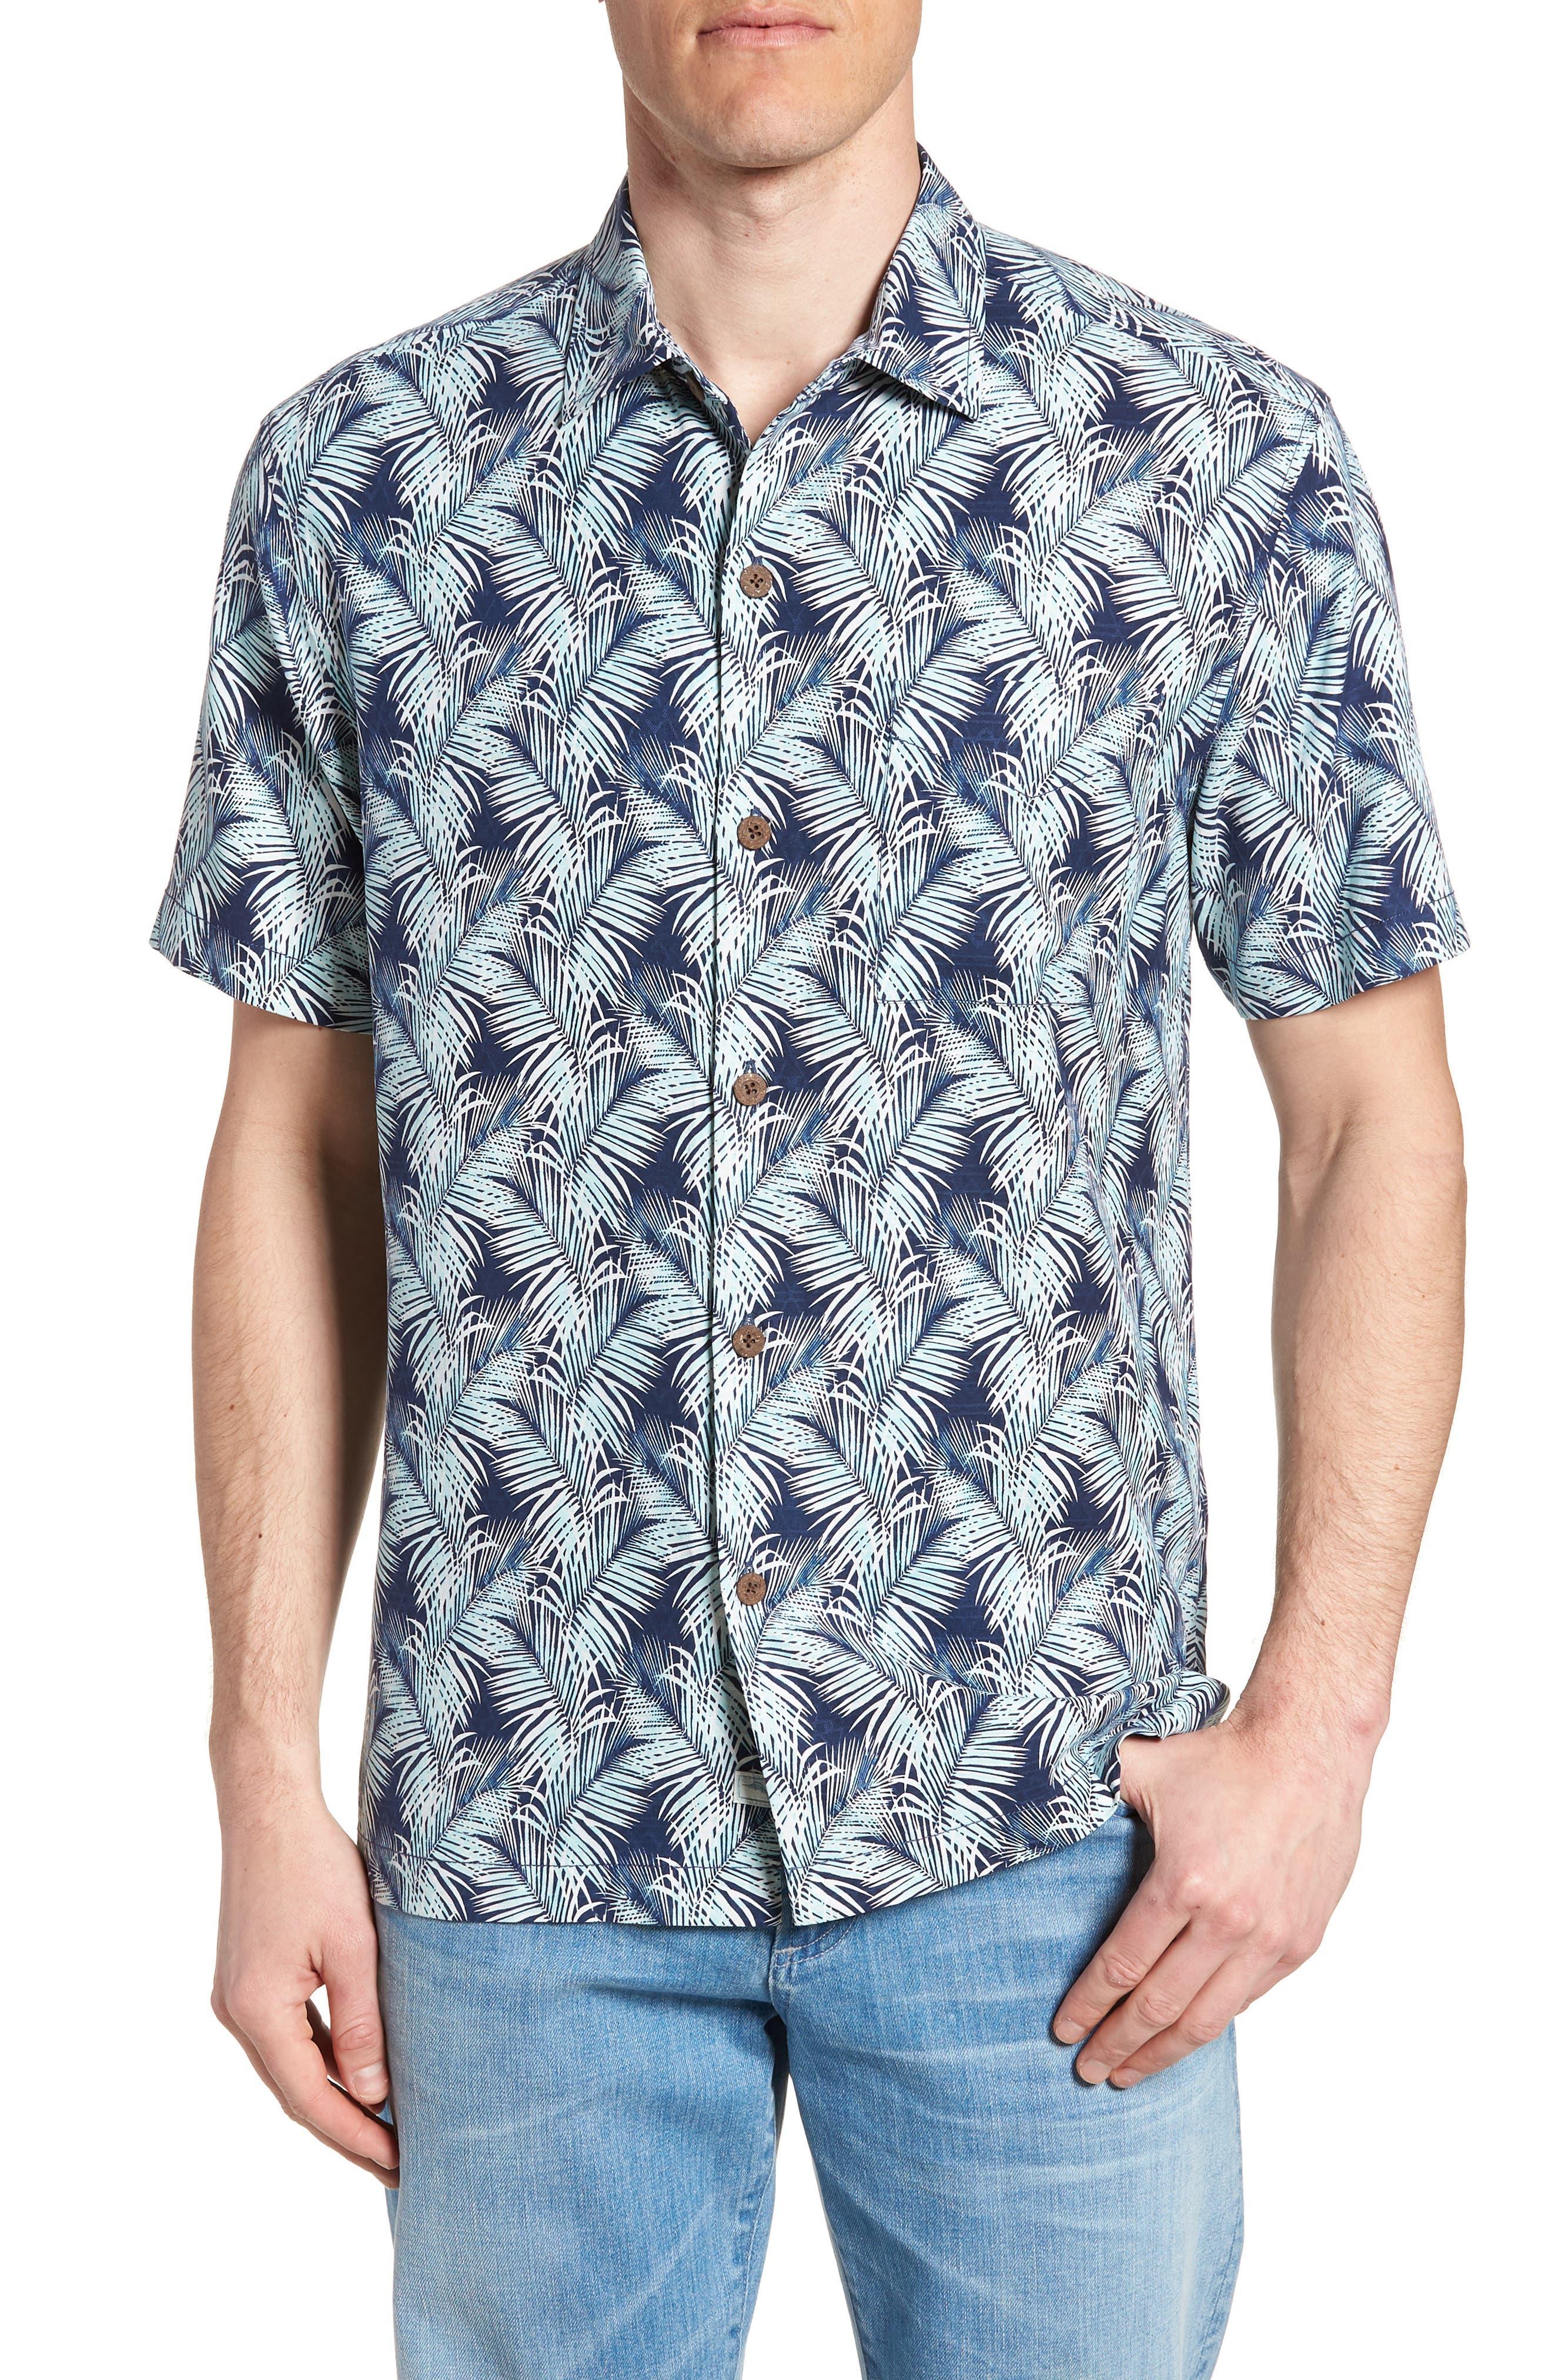 Palms of Tulum Silk Camp Shirt,                             Main thumbnail 1, color,                             Ocean Deep